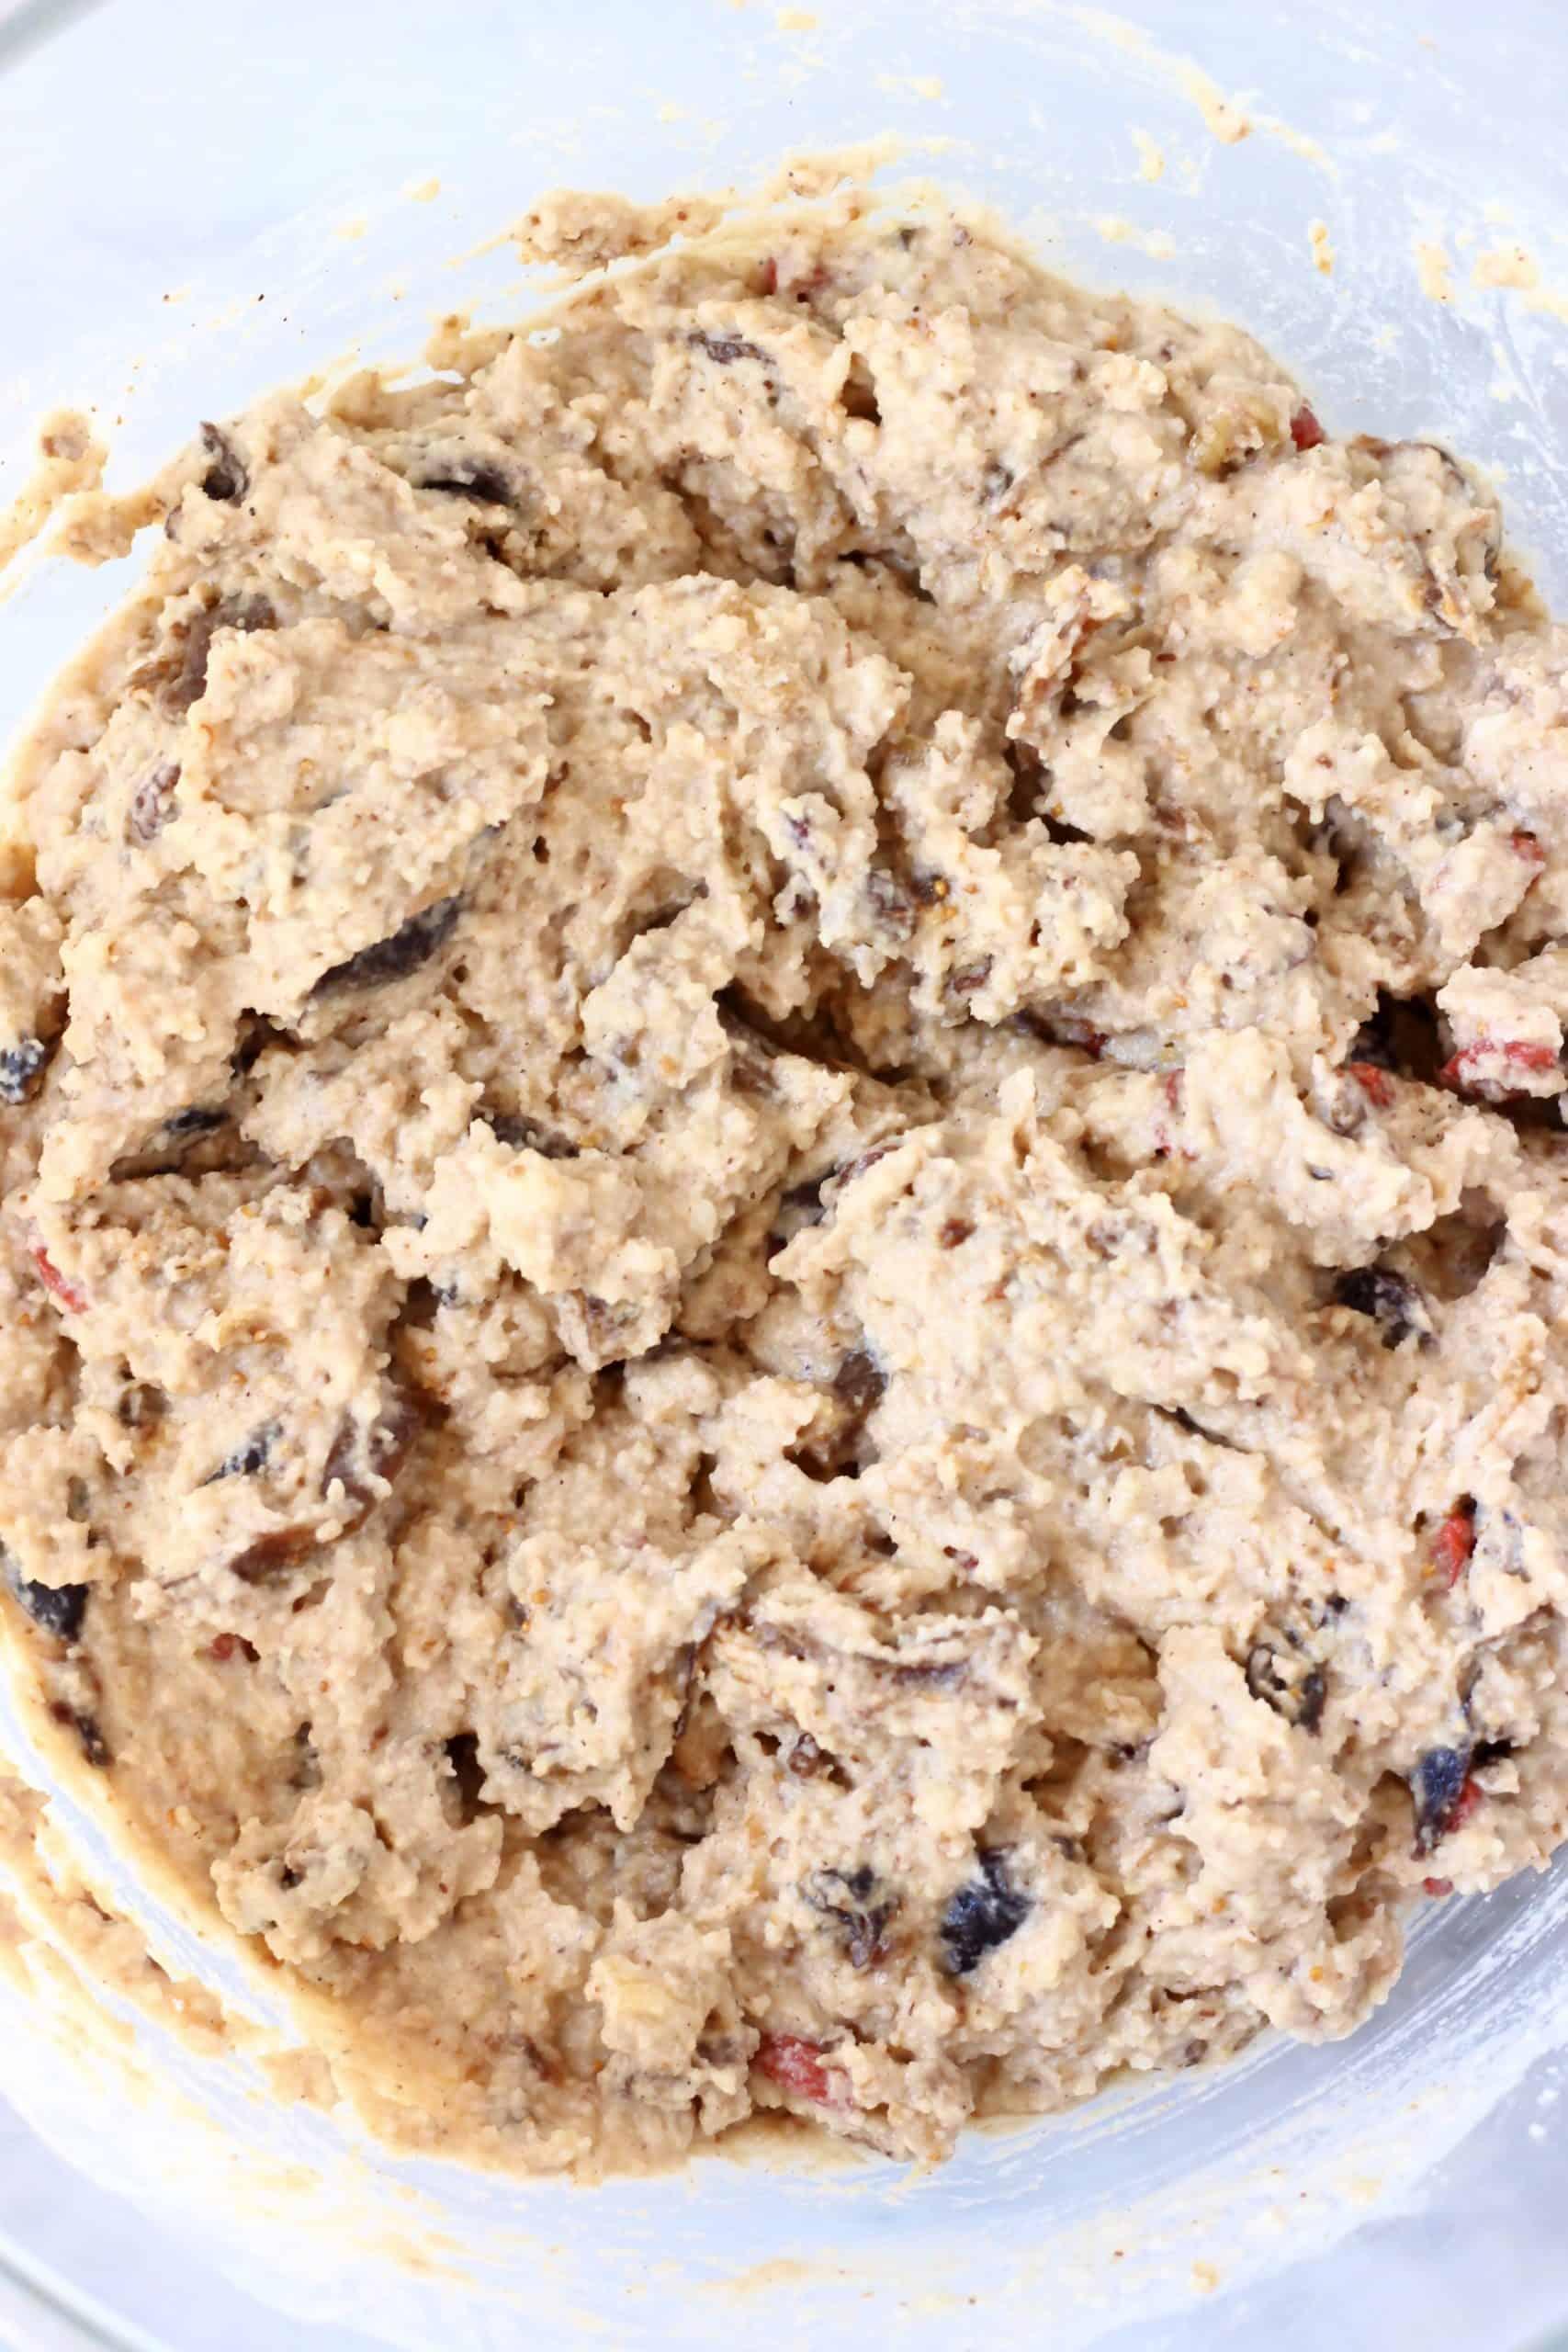 Raw gluten-free vegan fruit cake batter in a bowl